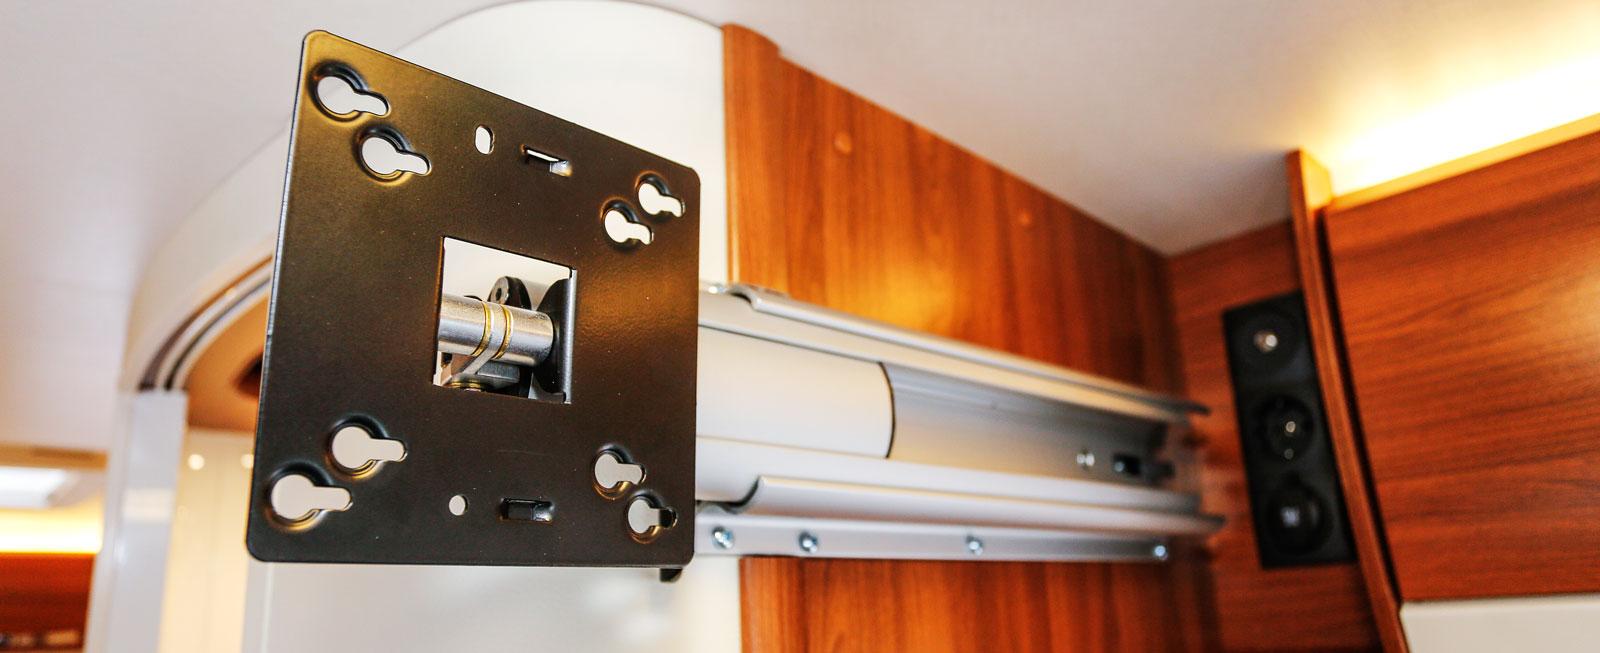 Ovanför färdsoffan sitter ett utskjutbart tv-fäste som kan vridas i önskad riktning.